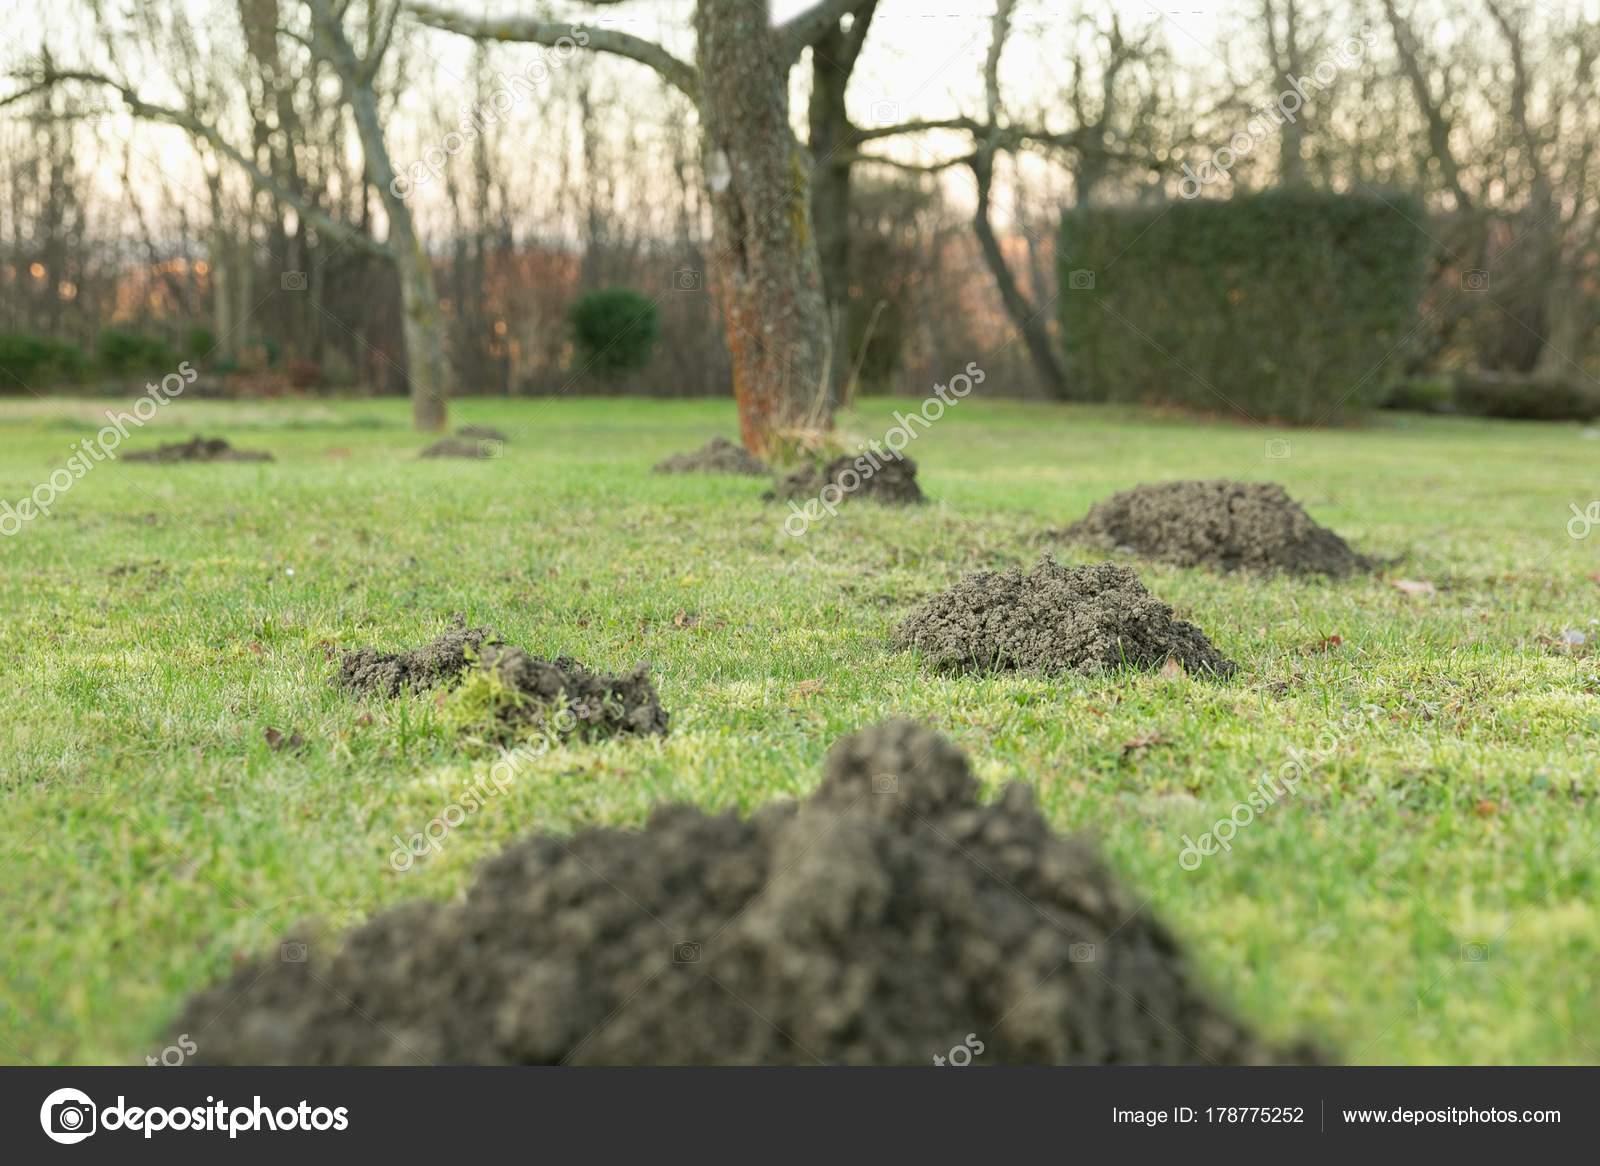 Foro di talpa in giardino u foto stock pitrs